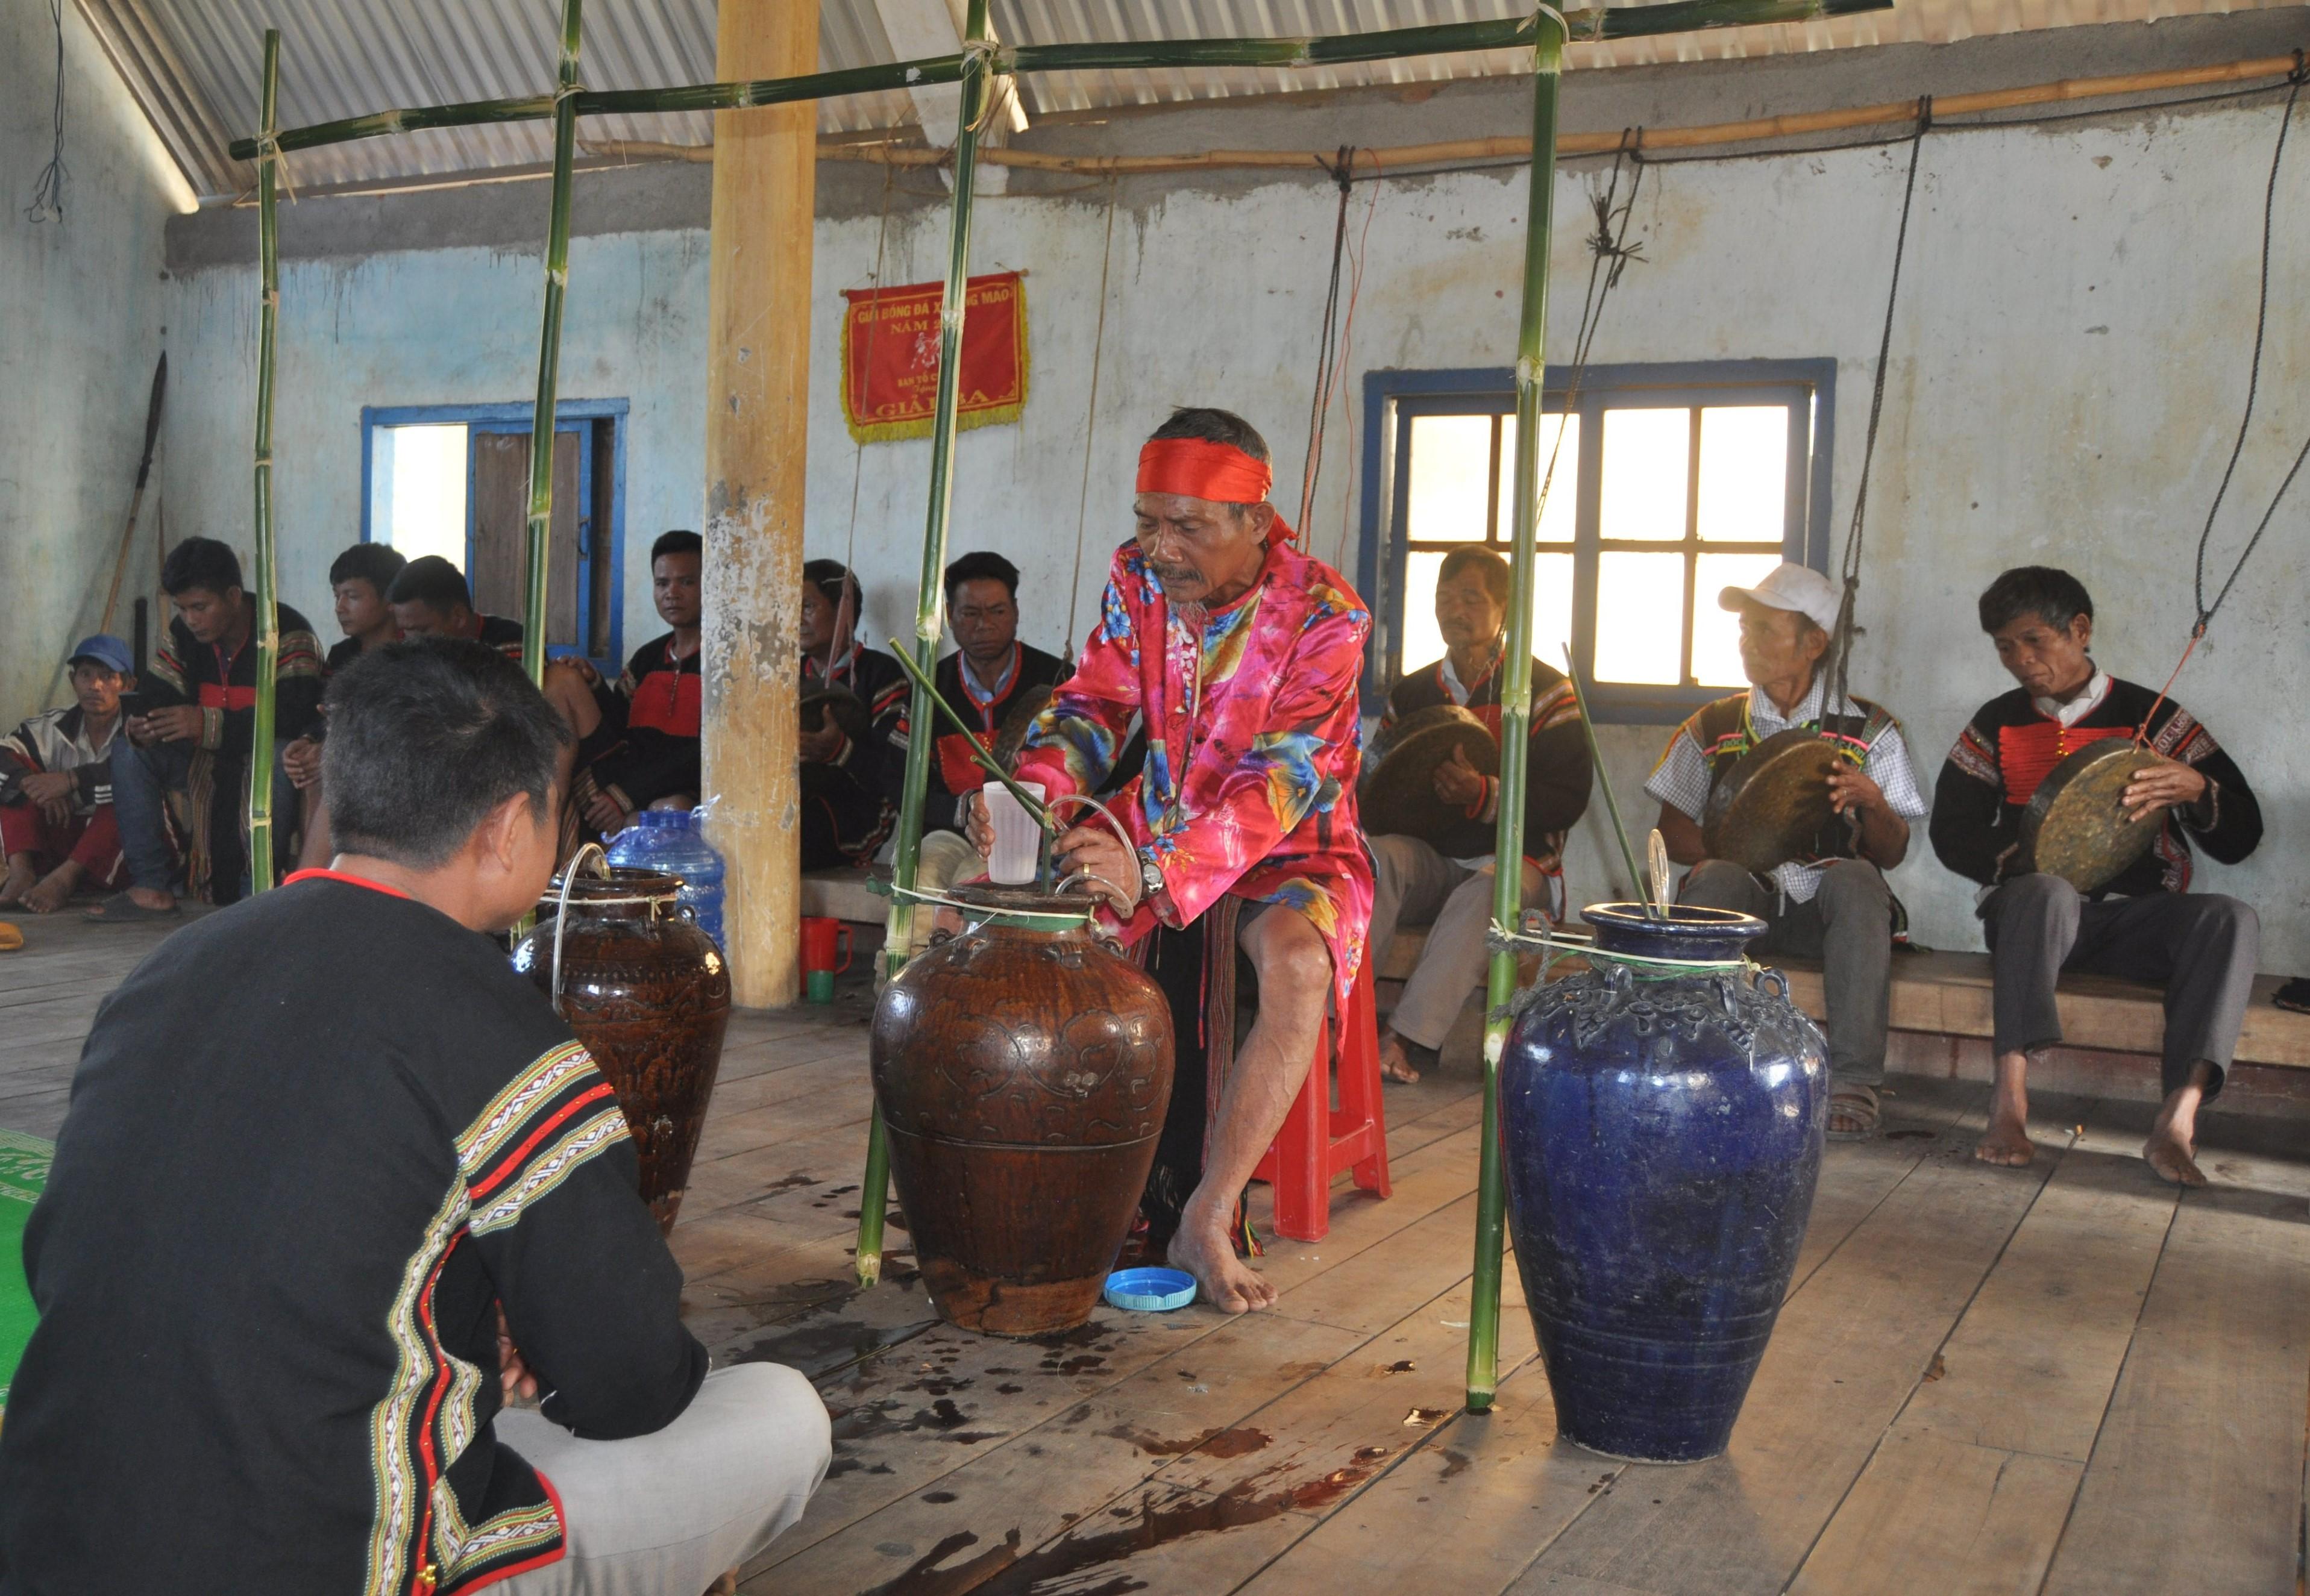 Lễ cúng bến nước của đồng bào Êđê tại buôn Kiều, xã Yang Mao (Đắk Lắk)